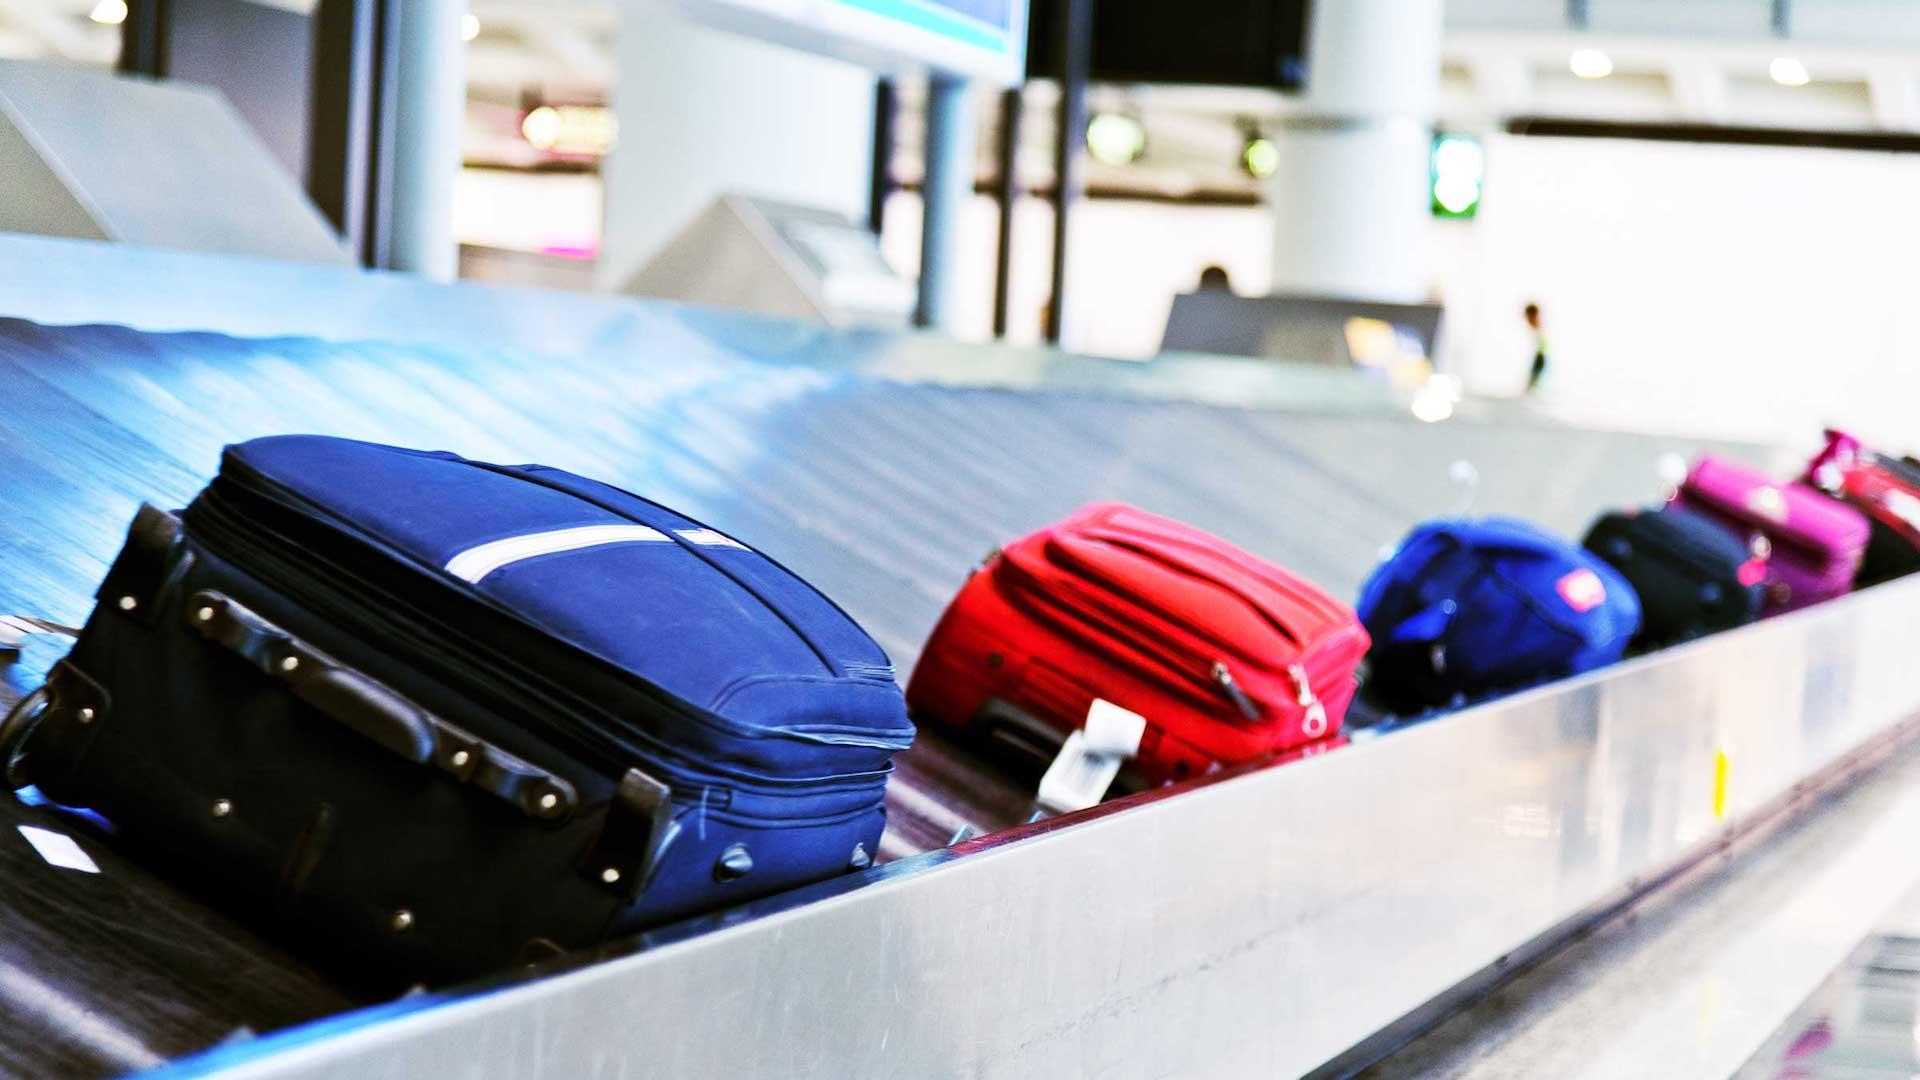 La particular historia de una maleta con un cartel de Bomb que viajó de India a Australia